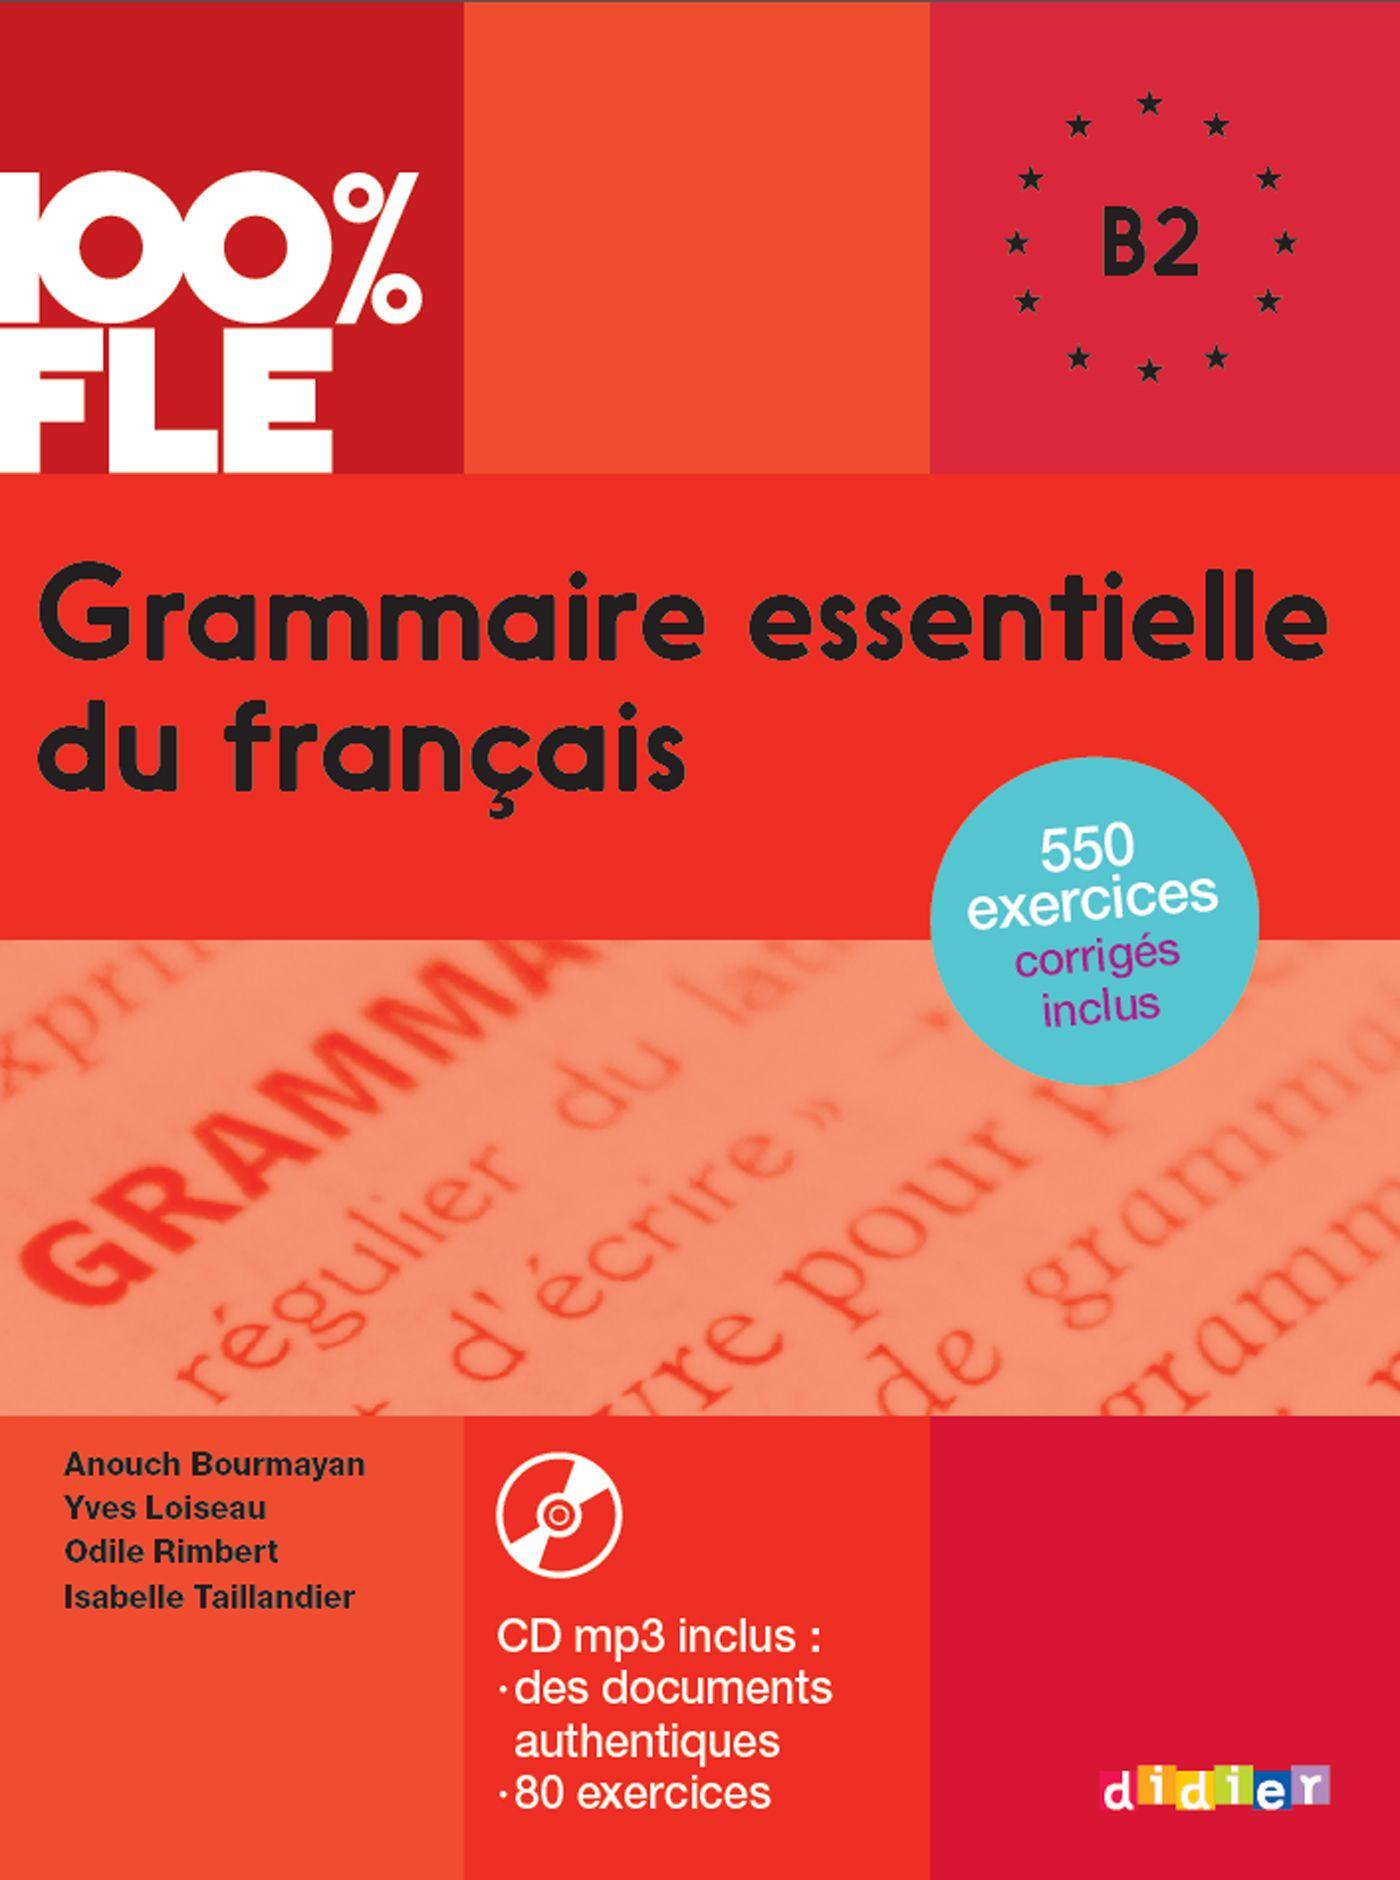 Grammaire Essentielle Du Francais Niveau B2 Aux Editions Didier Parmi Les Auteurs Yves Loiseau Enseignant Au Cid Learn French French Conversation Textbook